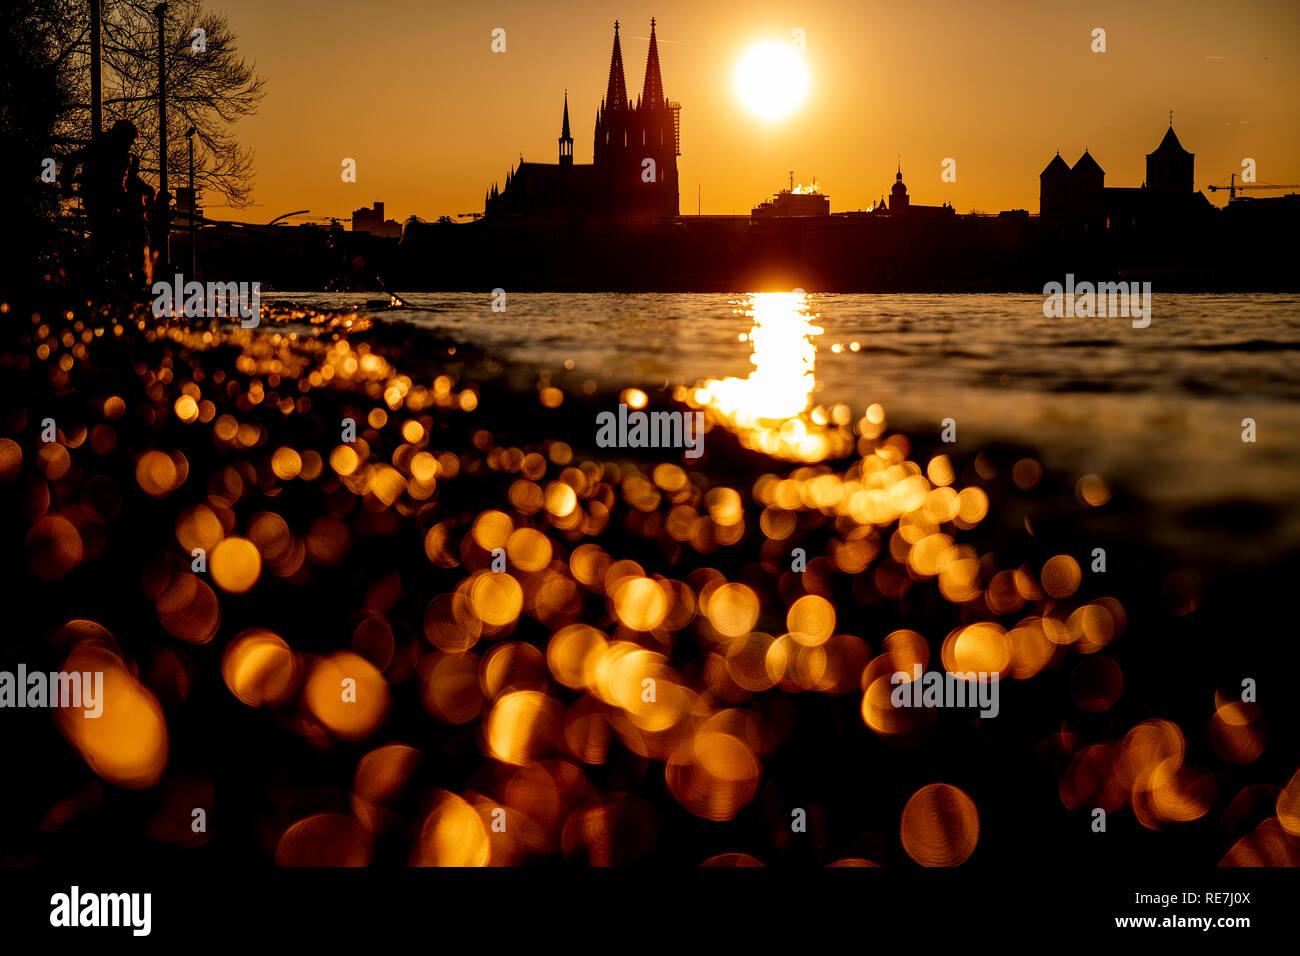 Sonne Geht Neben Dem Kolner Dom Unter Sterben Im Vordergrund Reflektiert Das Wasser Des Rheins Stockfotografie Alamy